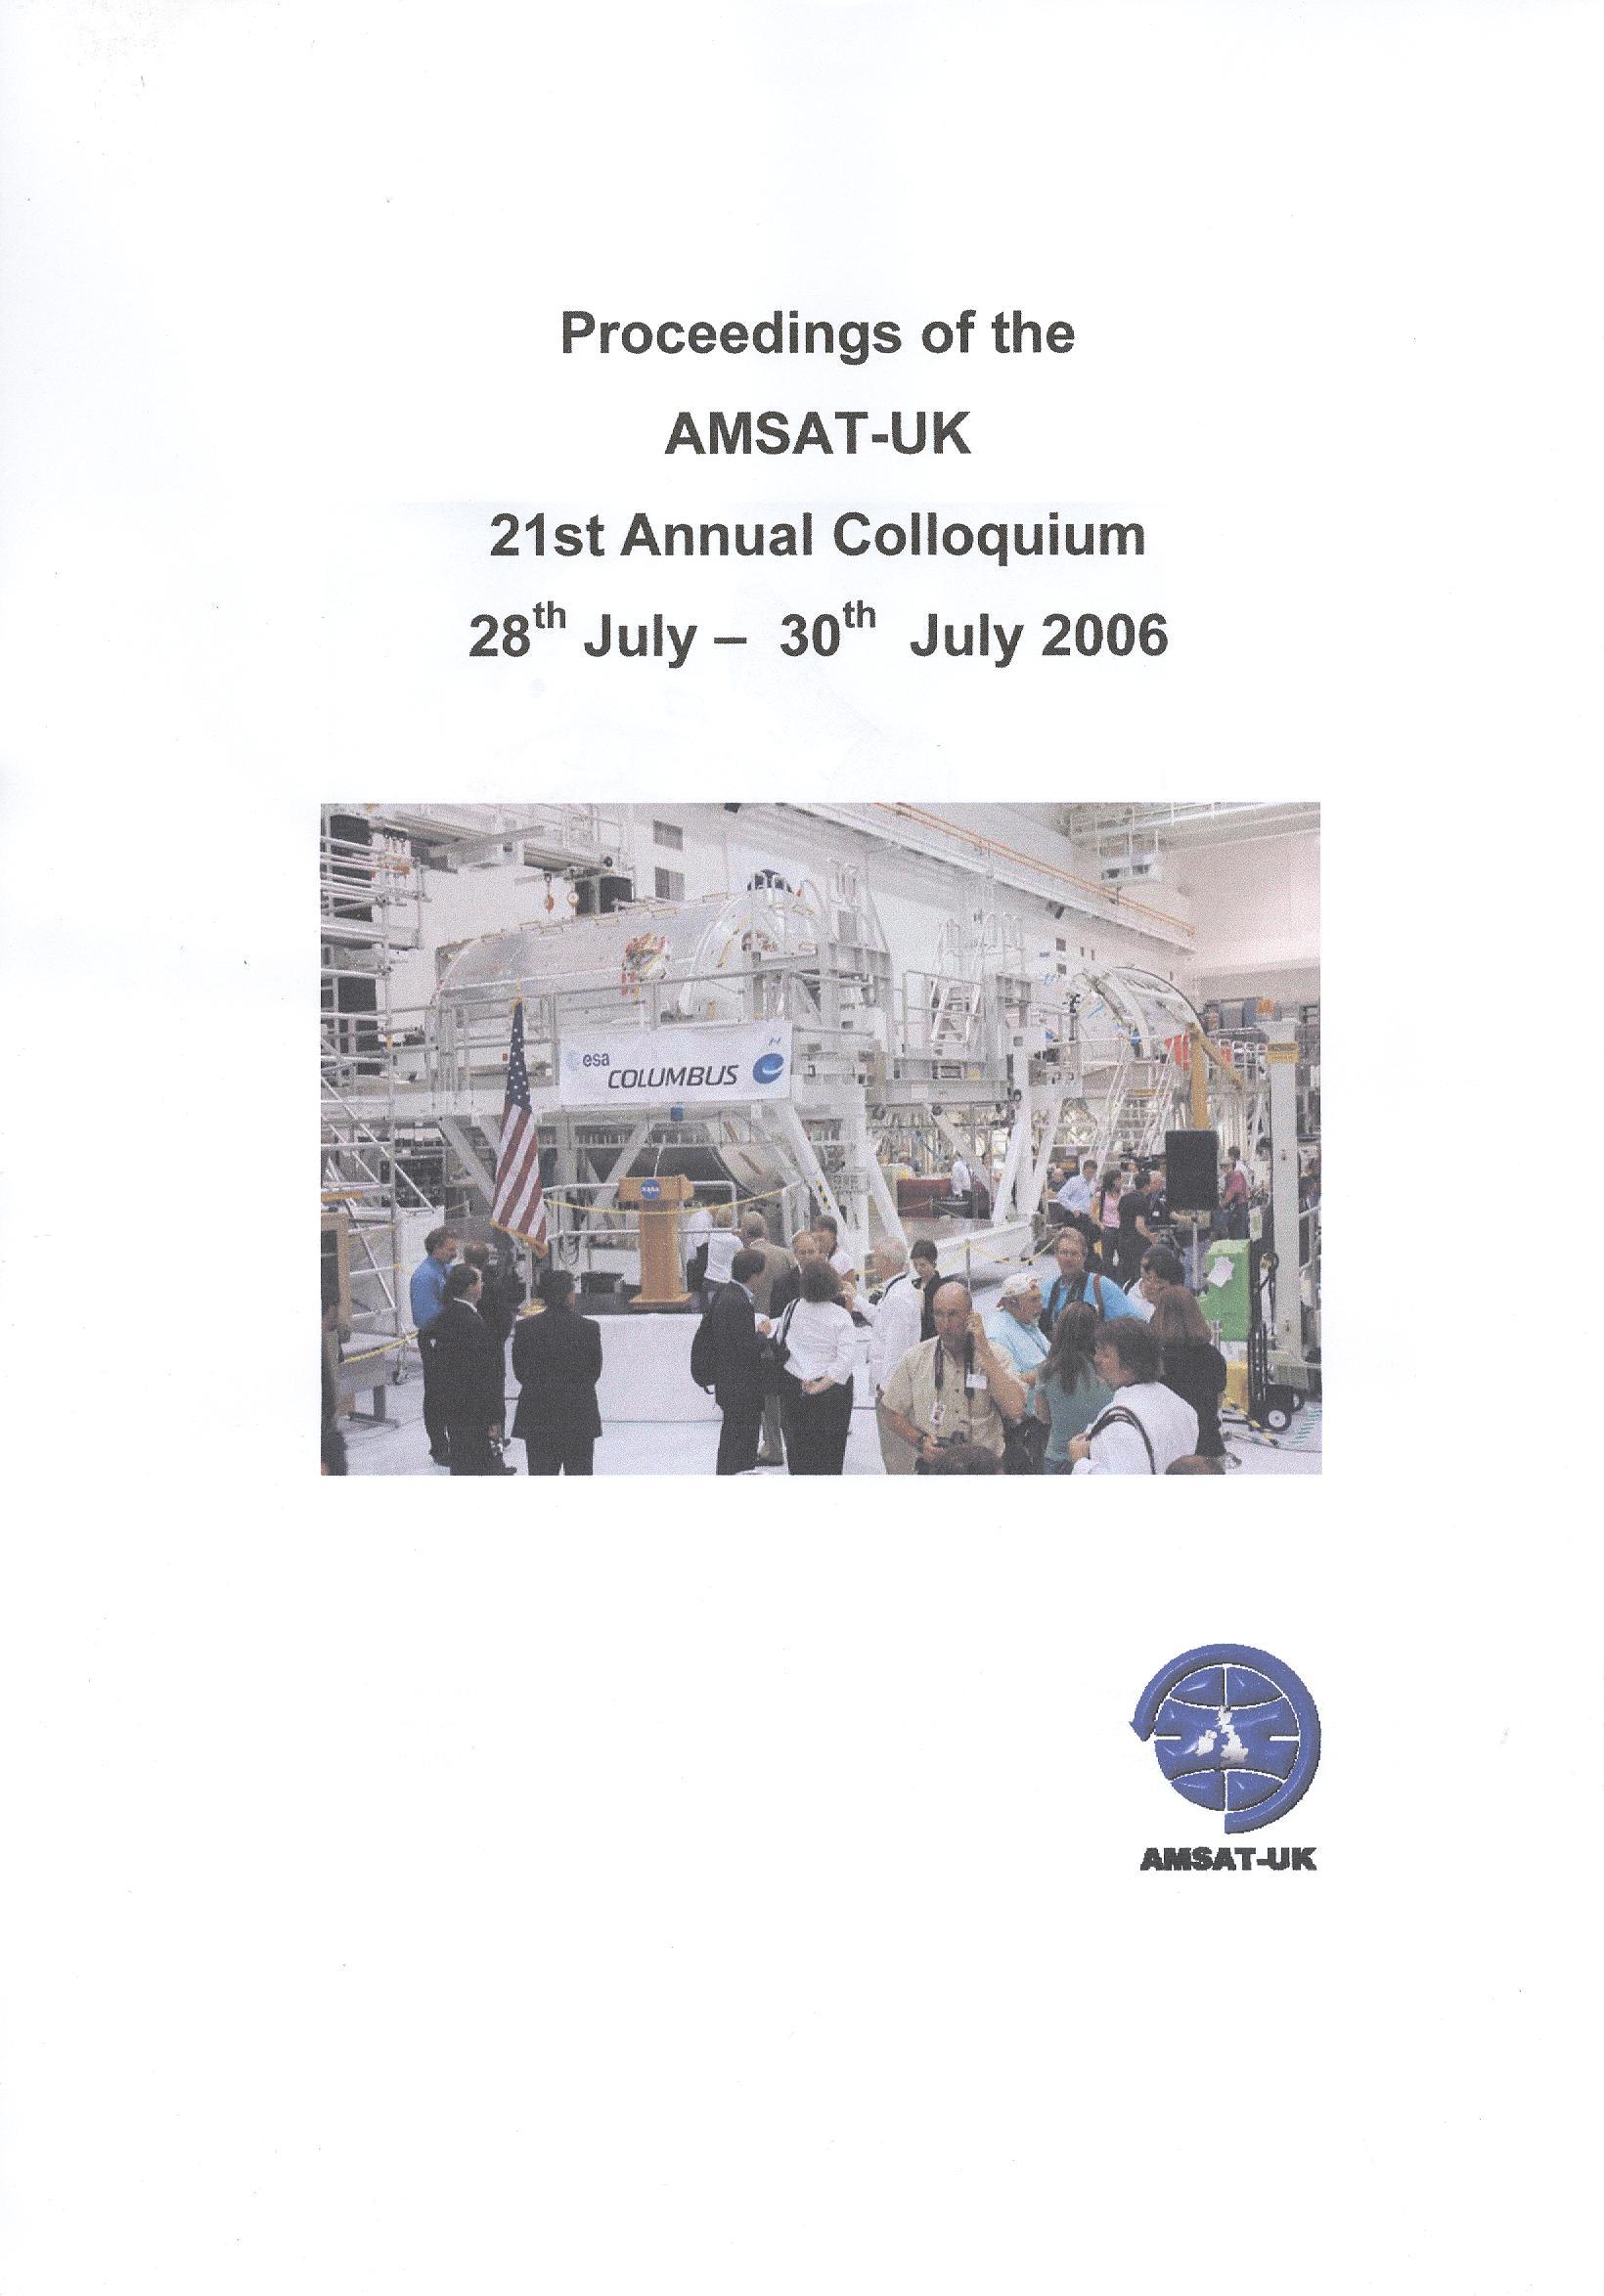 The Proceedings of the 21st AMSAT-UK Colloquium 2006